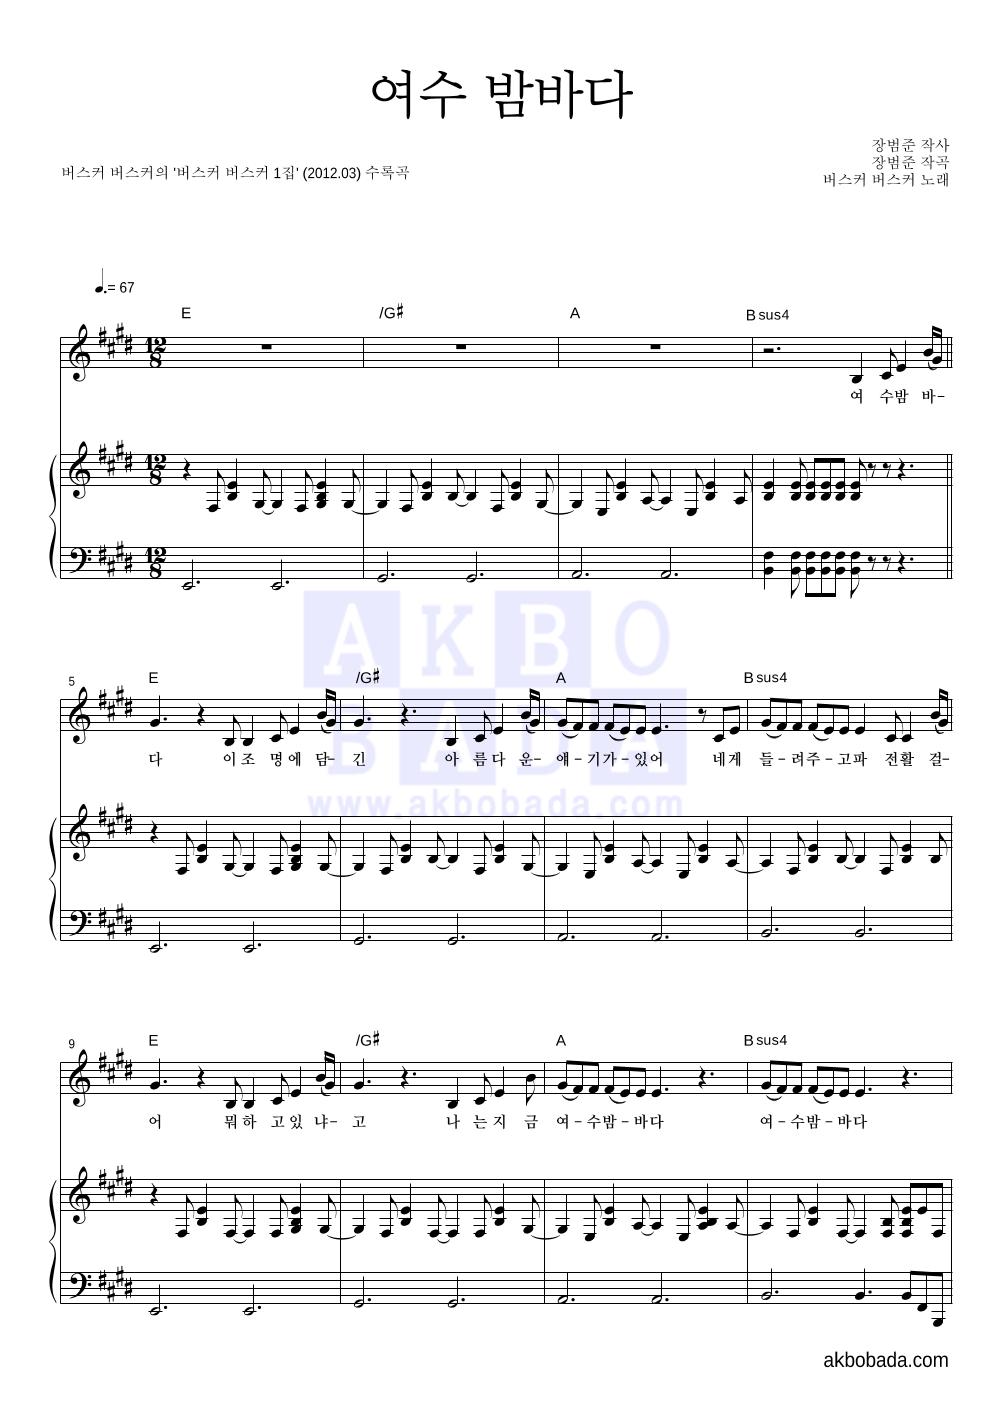 버스커 버스커 - 여수 밤바다 피아노 3단 악보